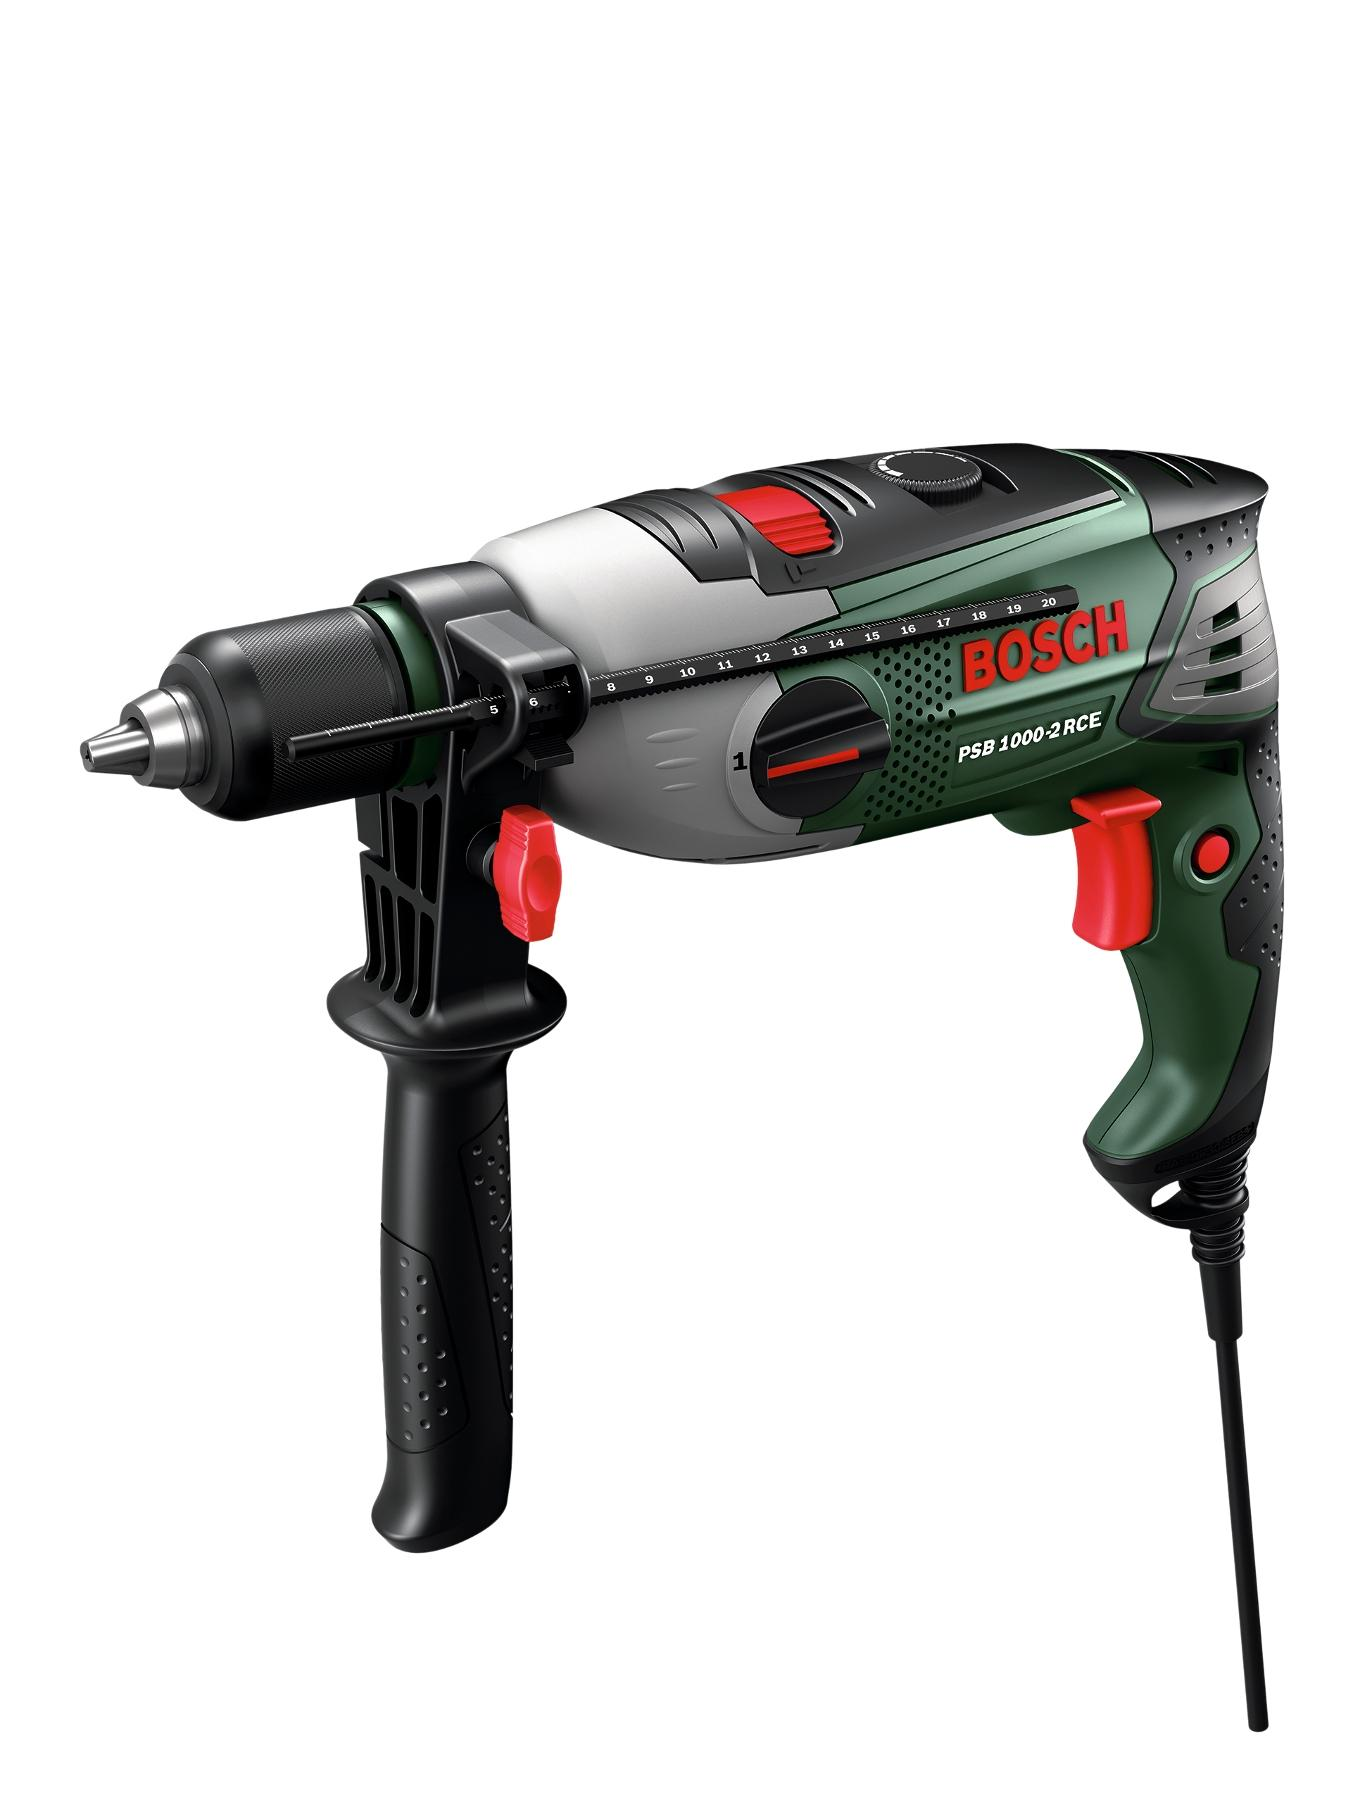 PSB 1000 2 Gear Hammer Drill